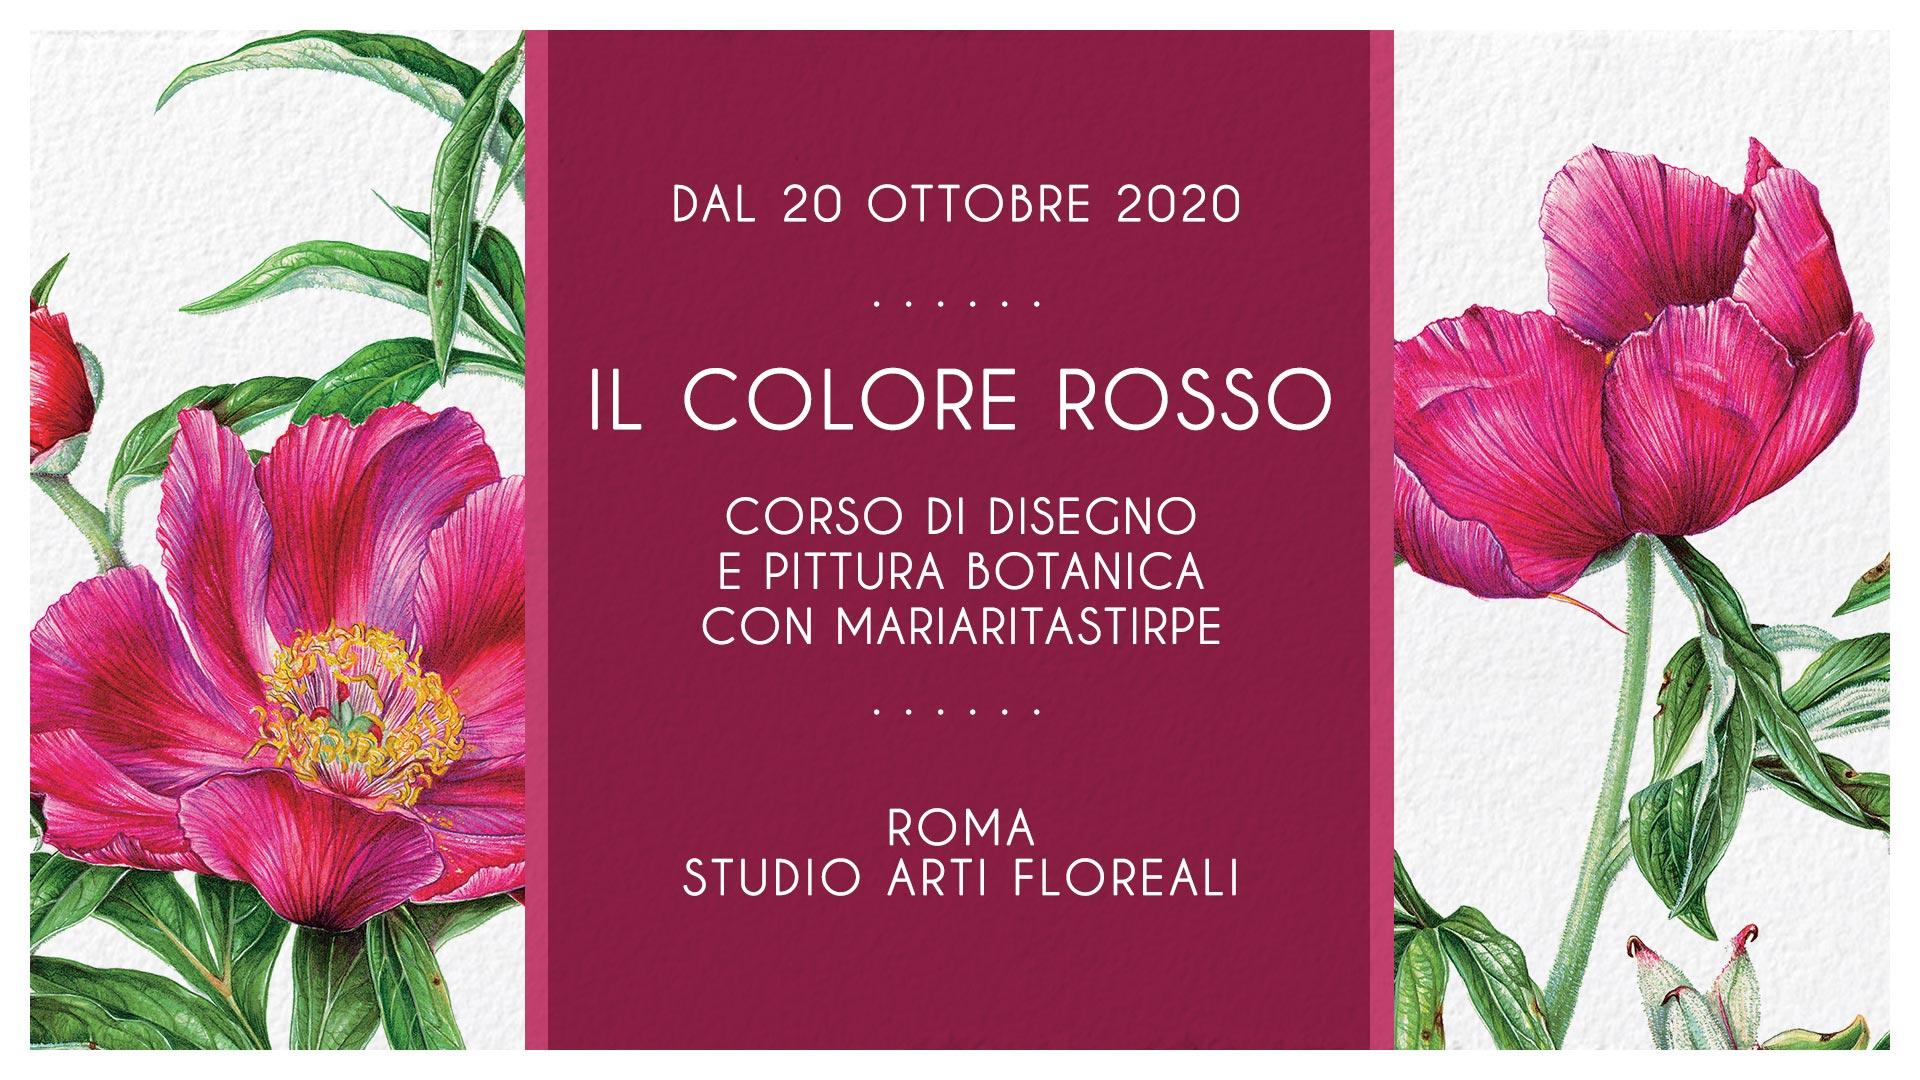 Il Colore Rosso - Maria Rita Stirpe - Studio Arti Floreali